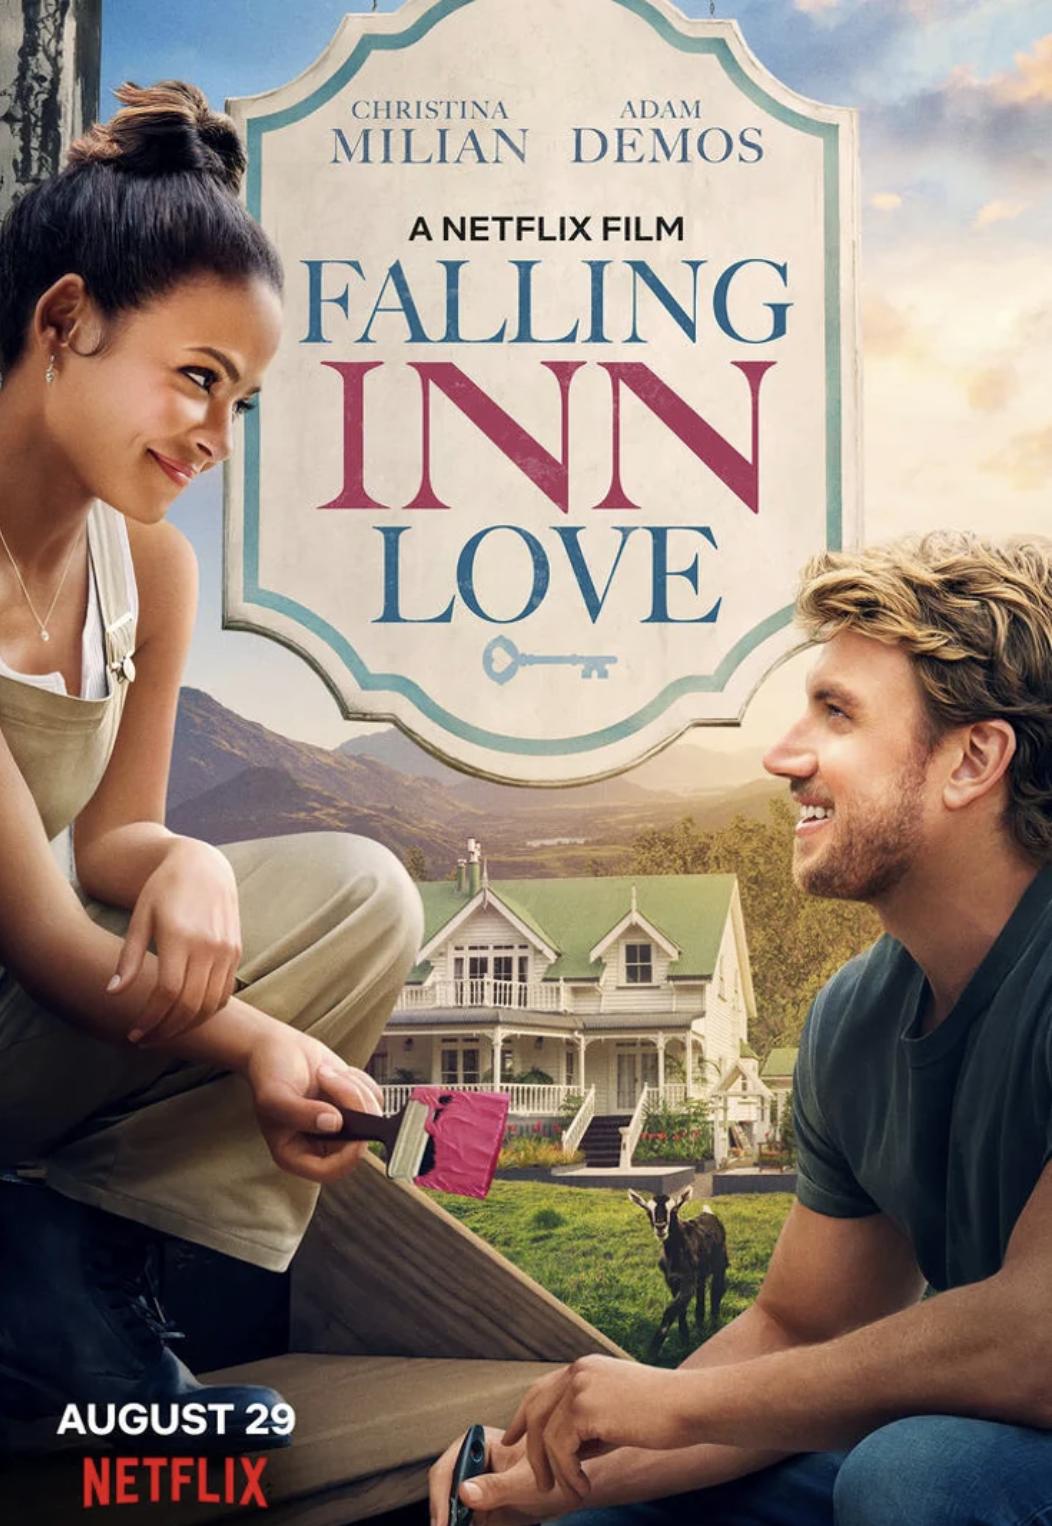 Falling Inn Love (Casting Australia)